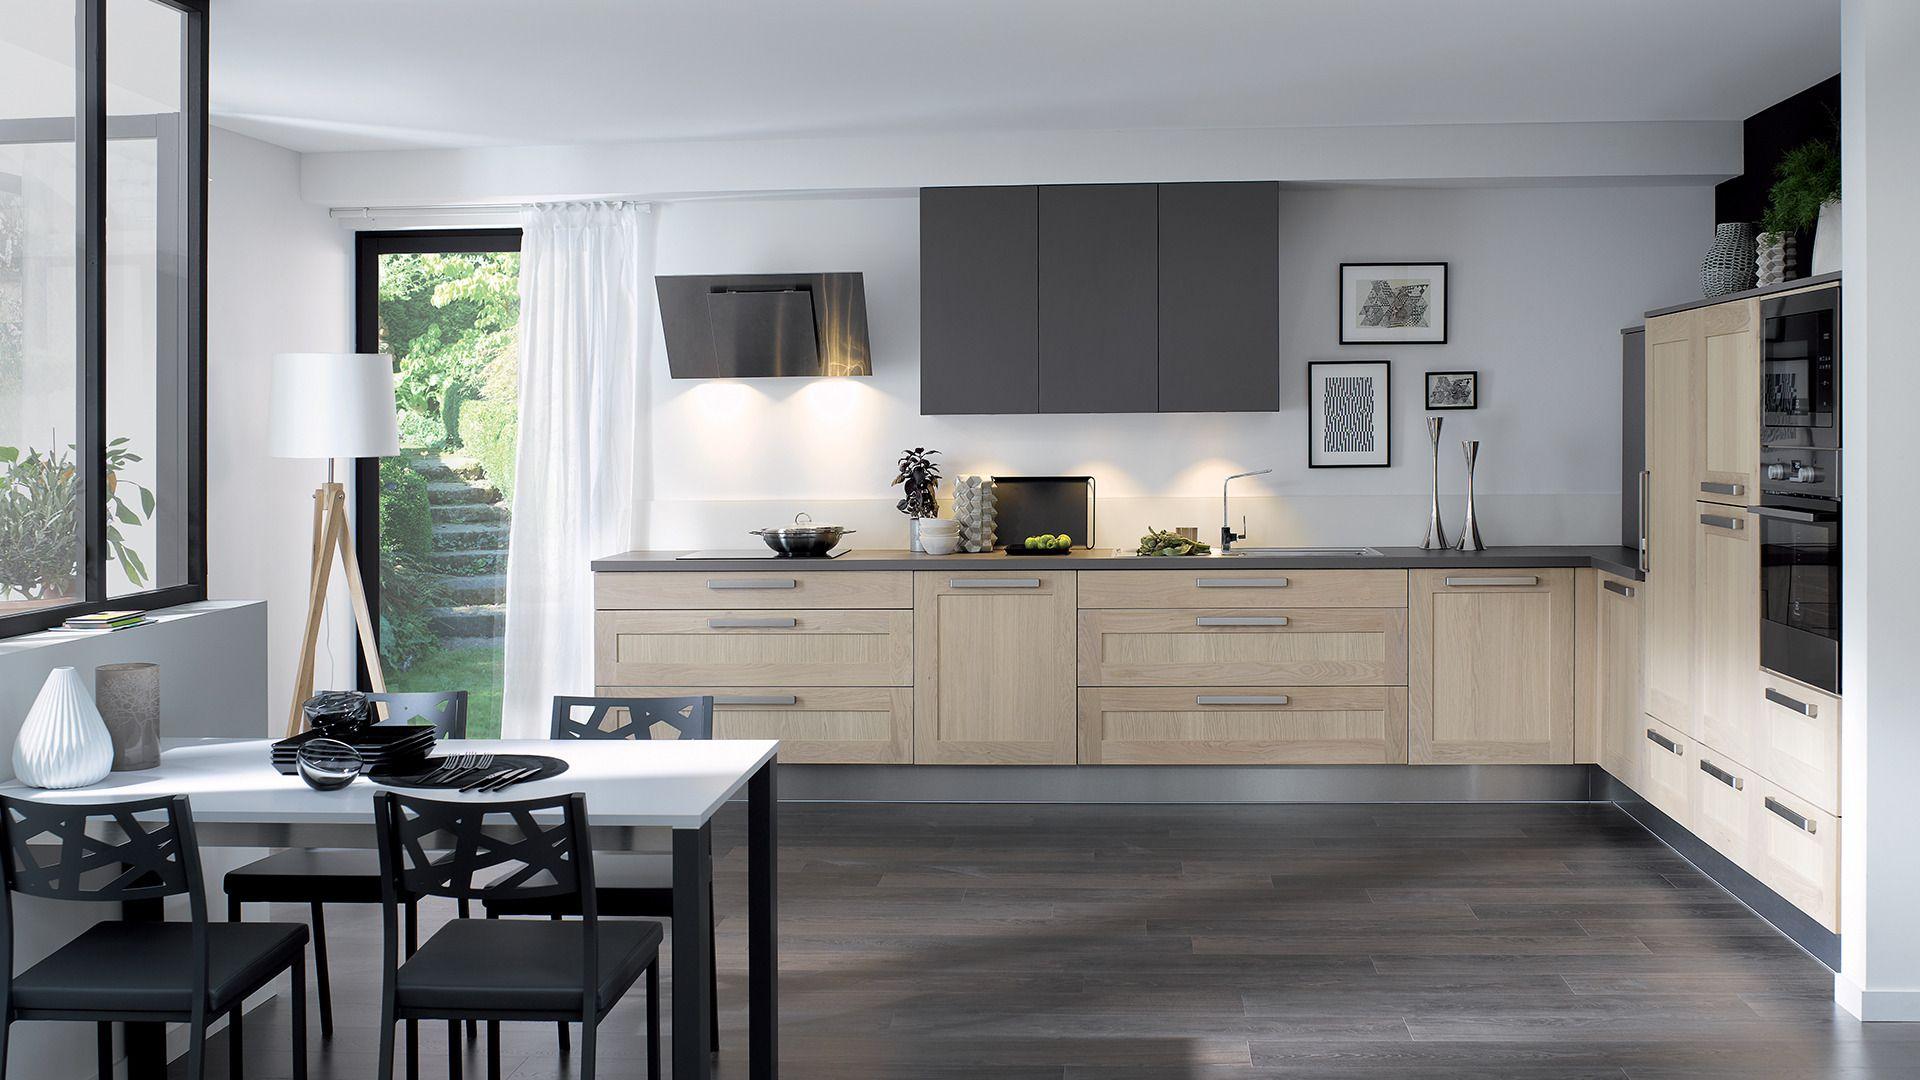 cuisine equipee wooden style authentique bois pour les inconditionnels du bois disponible